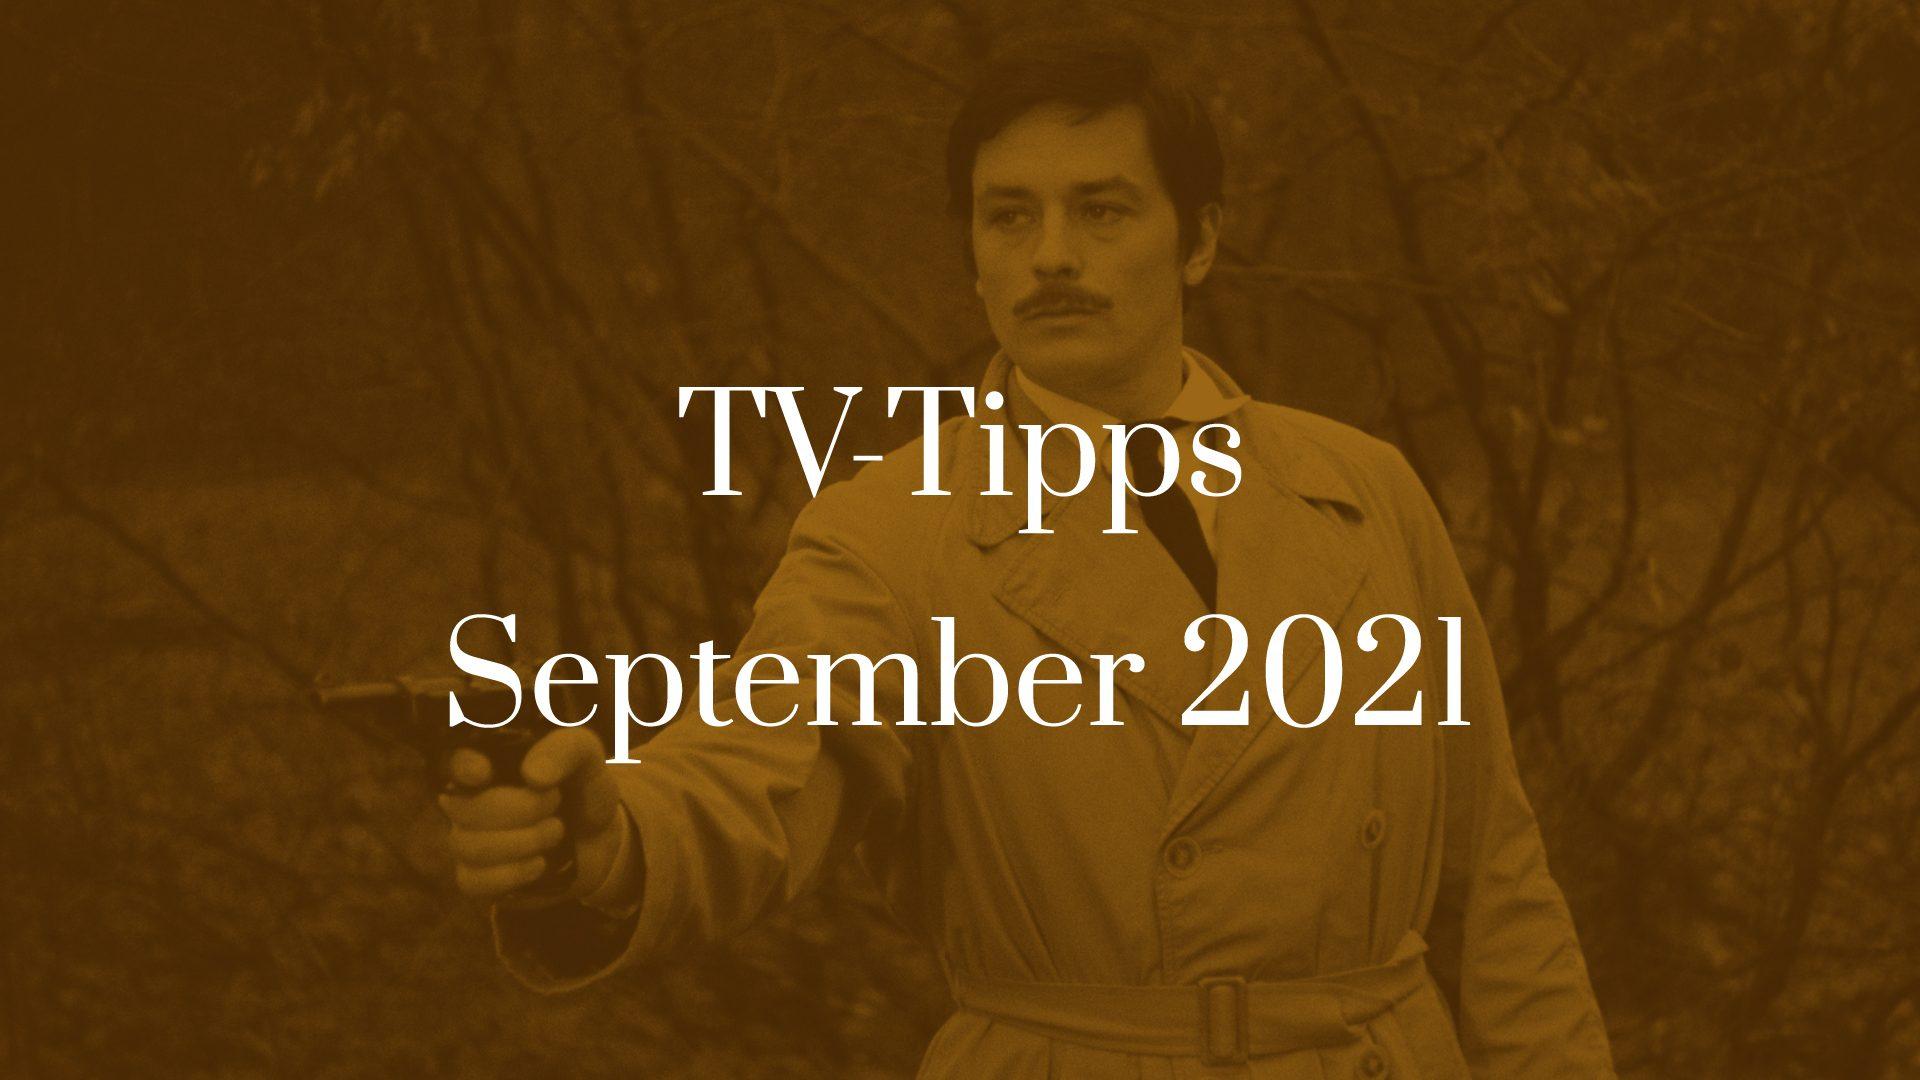 Titelbild zu TV-Tipps für September 2021